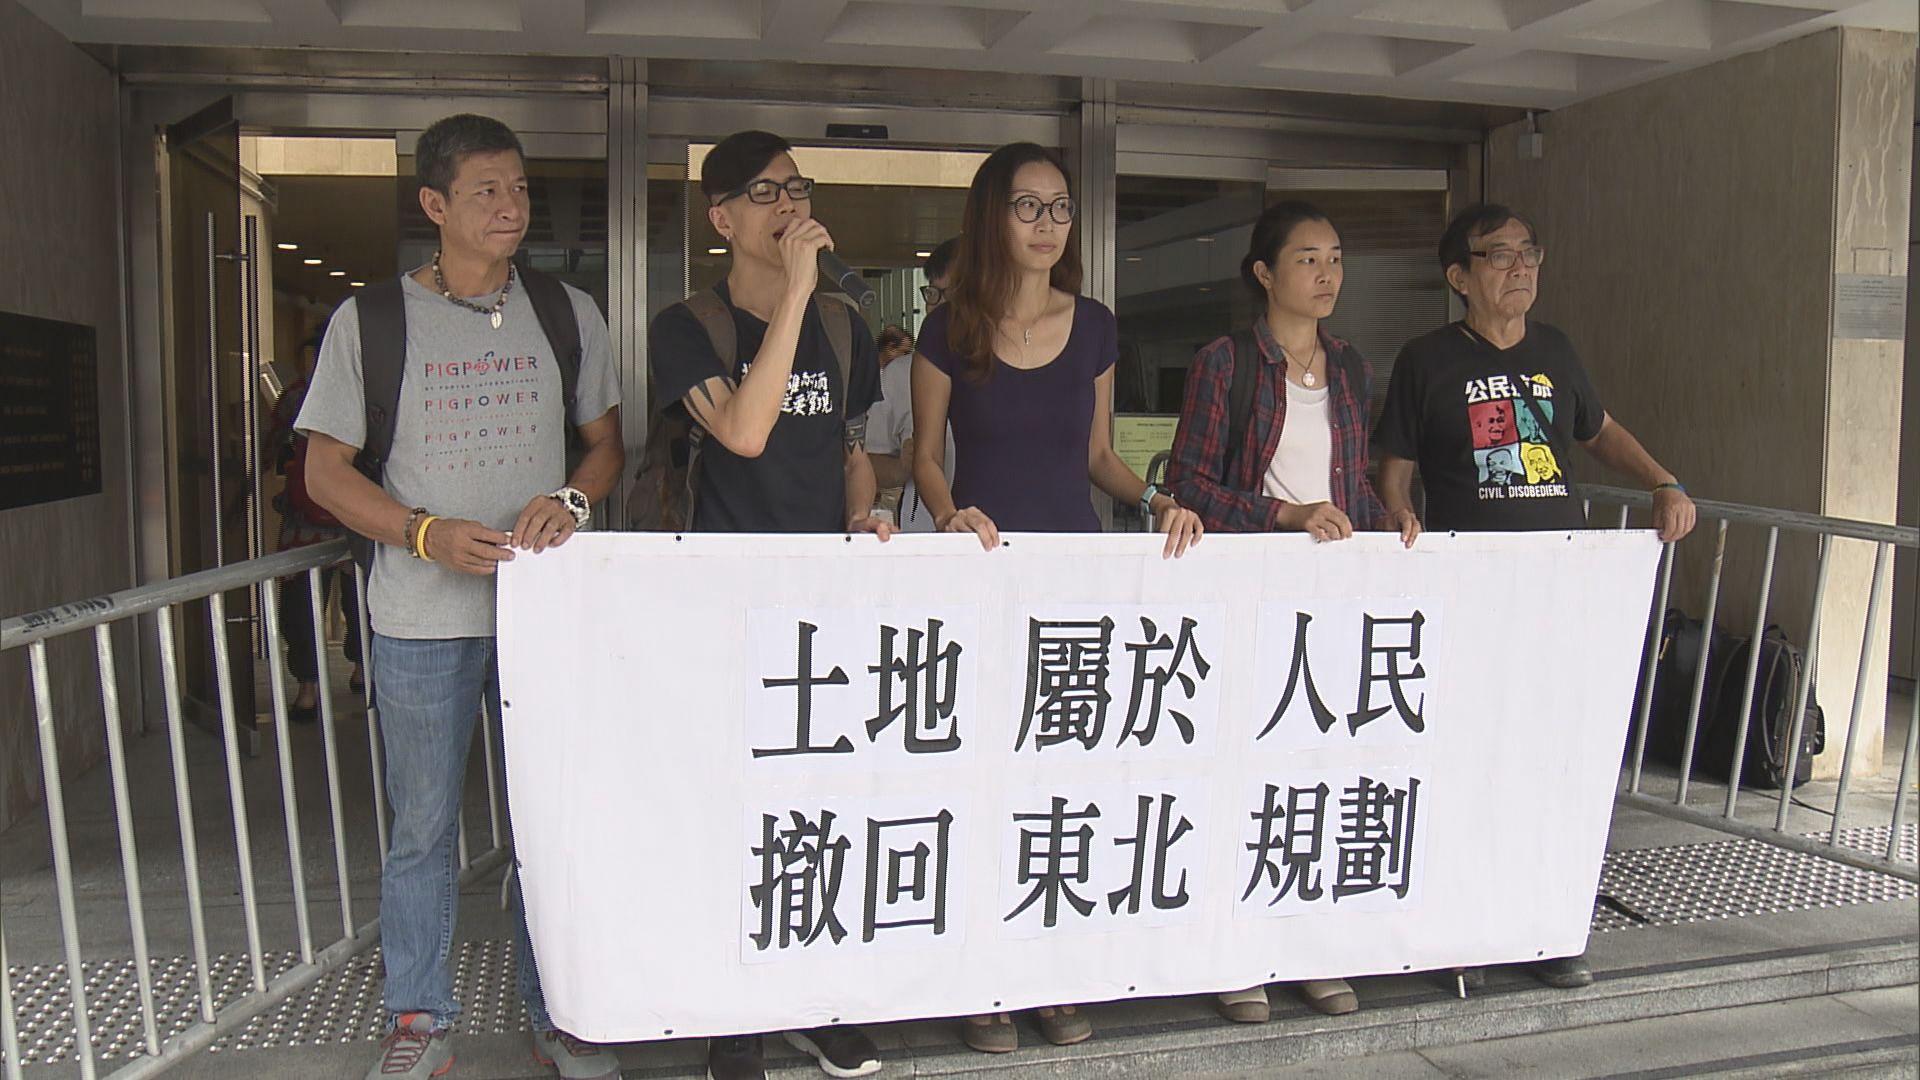 李柱銘:行政指令罪不適用於公眾人士